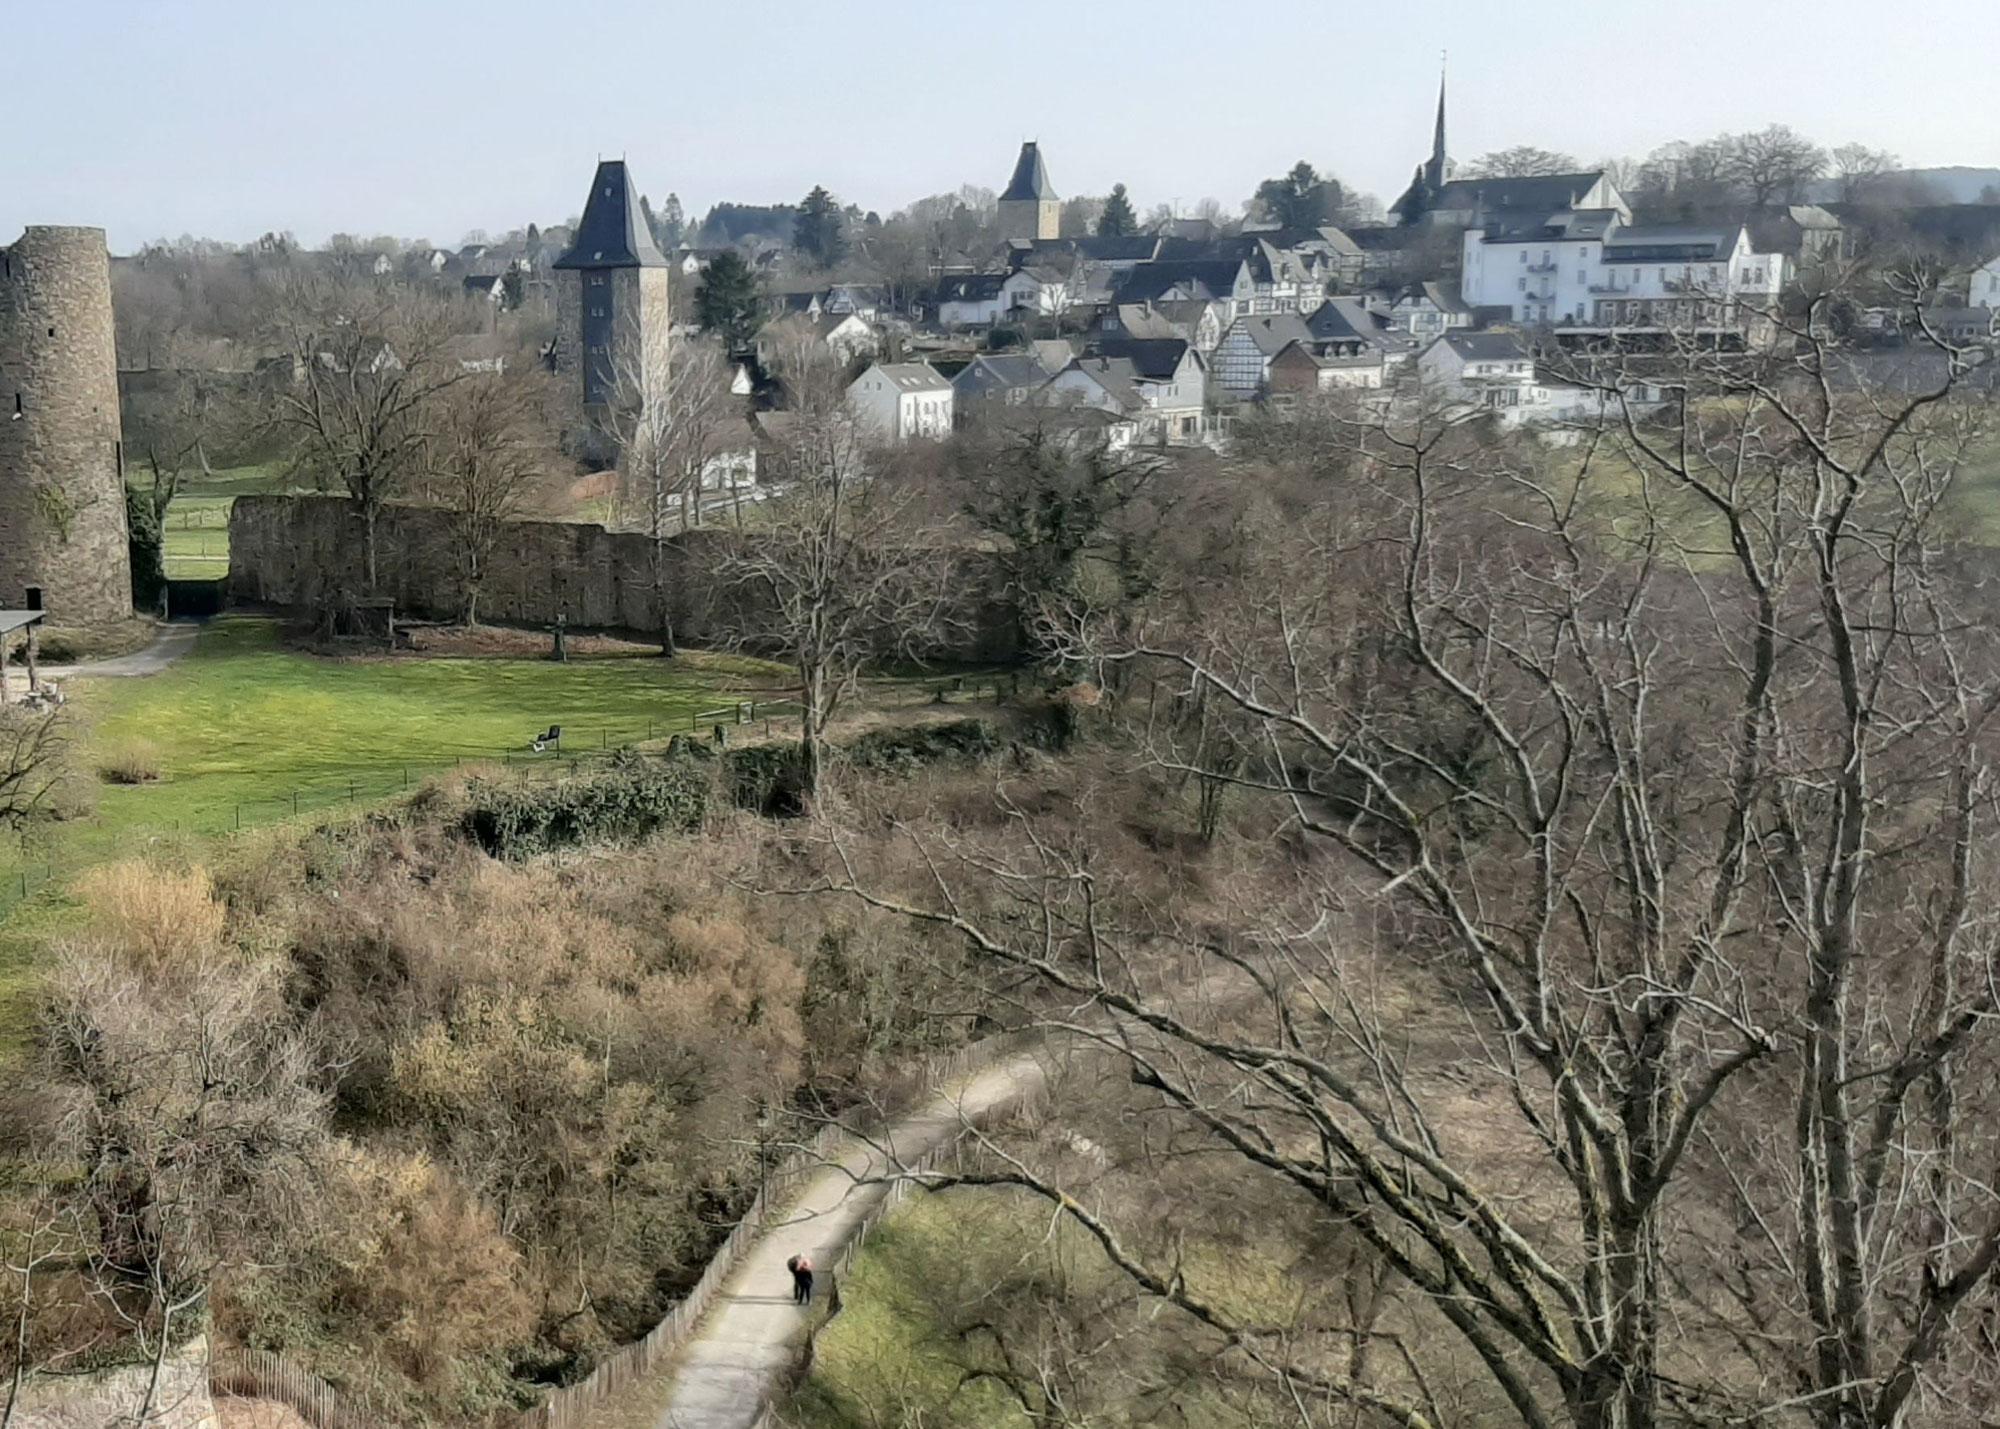 Fällarbeiten in Stadt Blankenberg